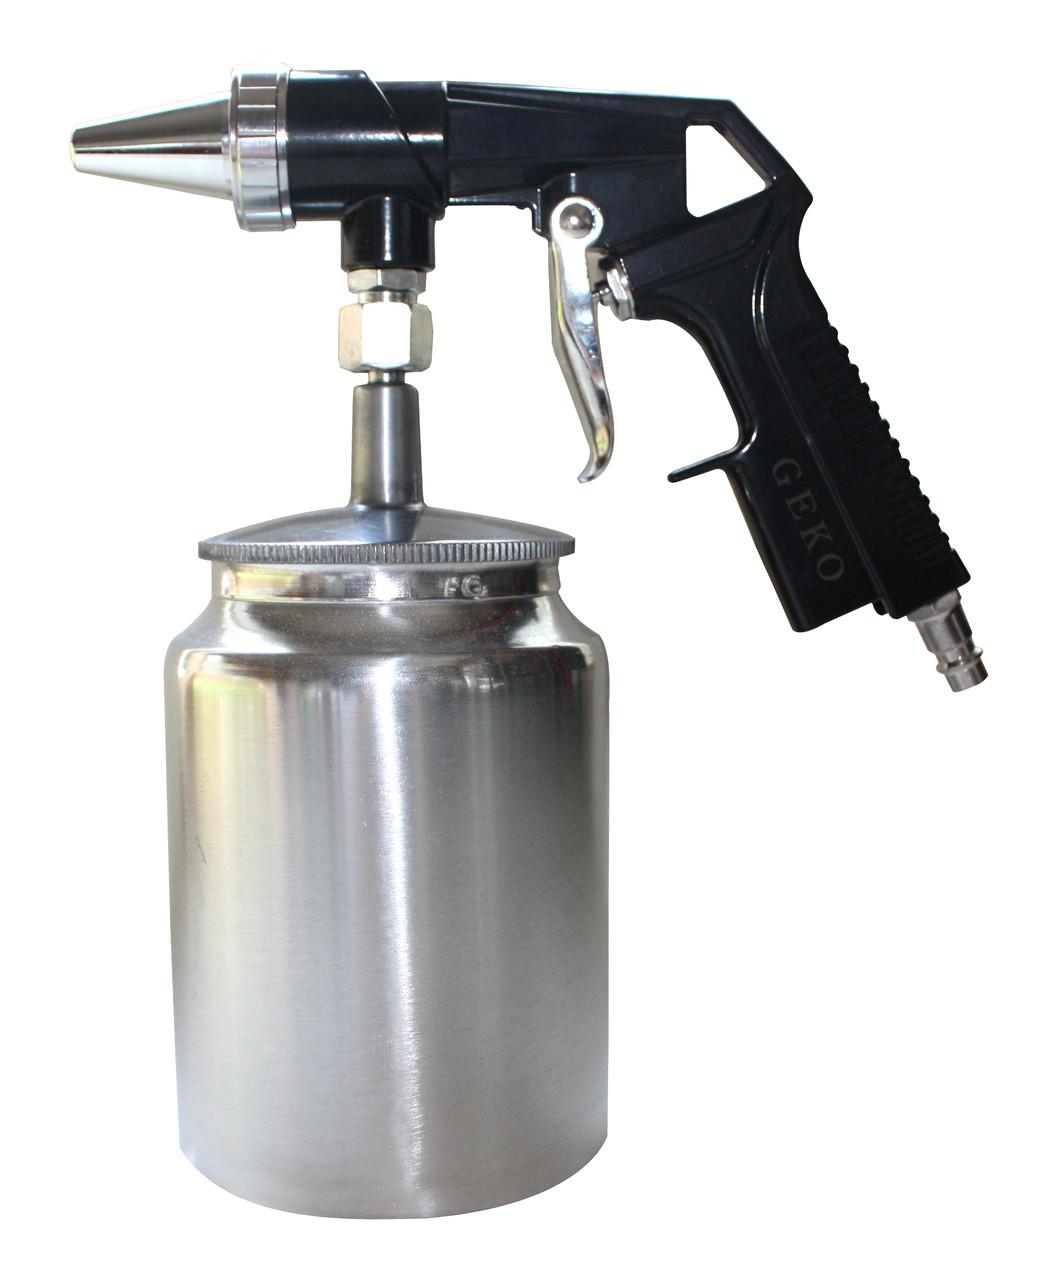 Пистолет пескоструйный пневматический AS-10. 4- 7бар. Расход воздуха от 160 л/мин, фото 1